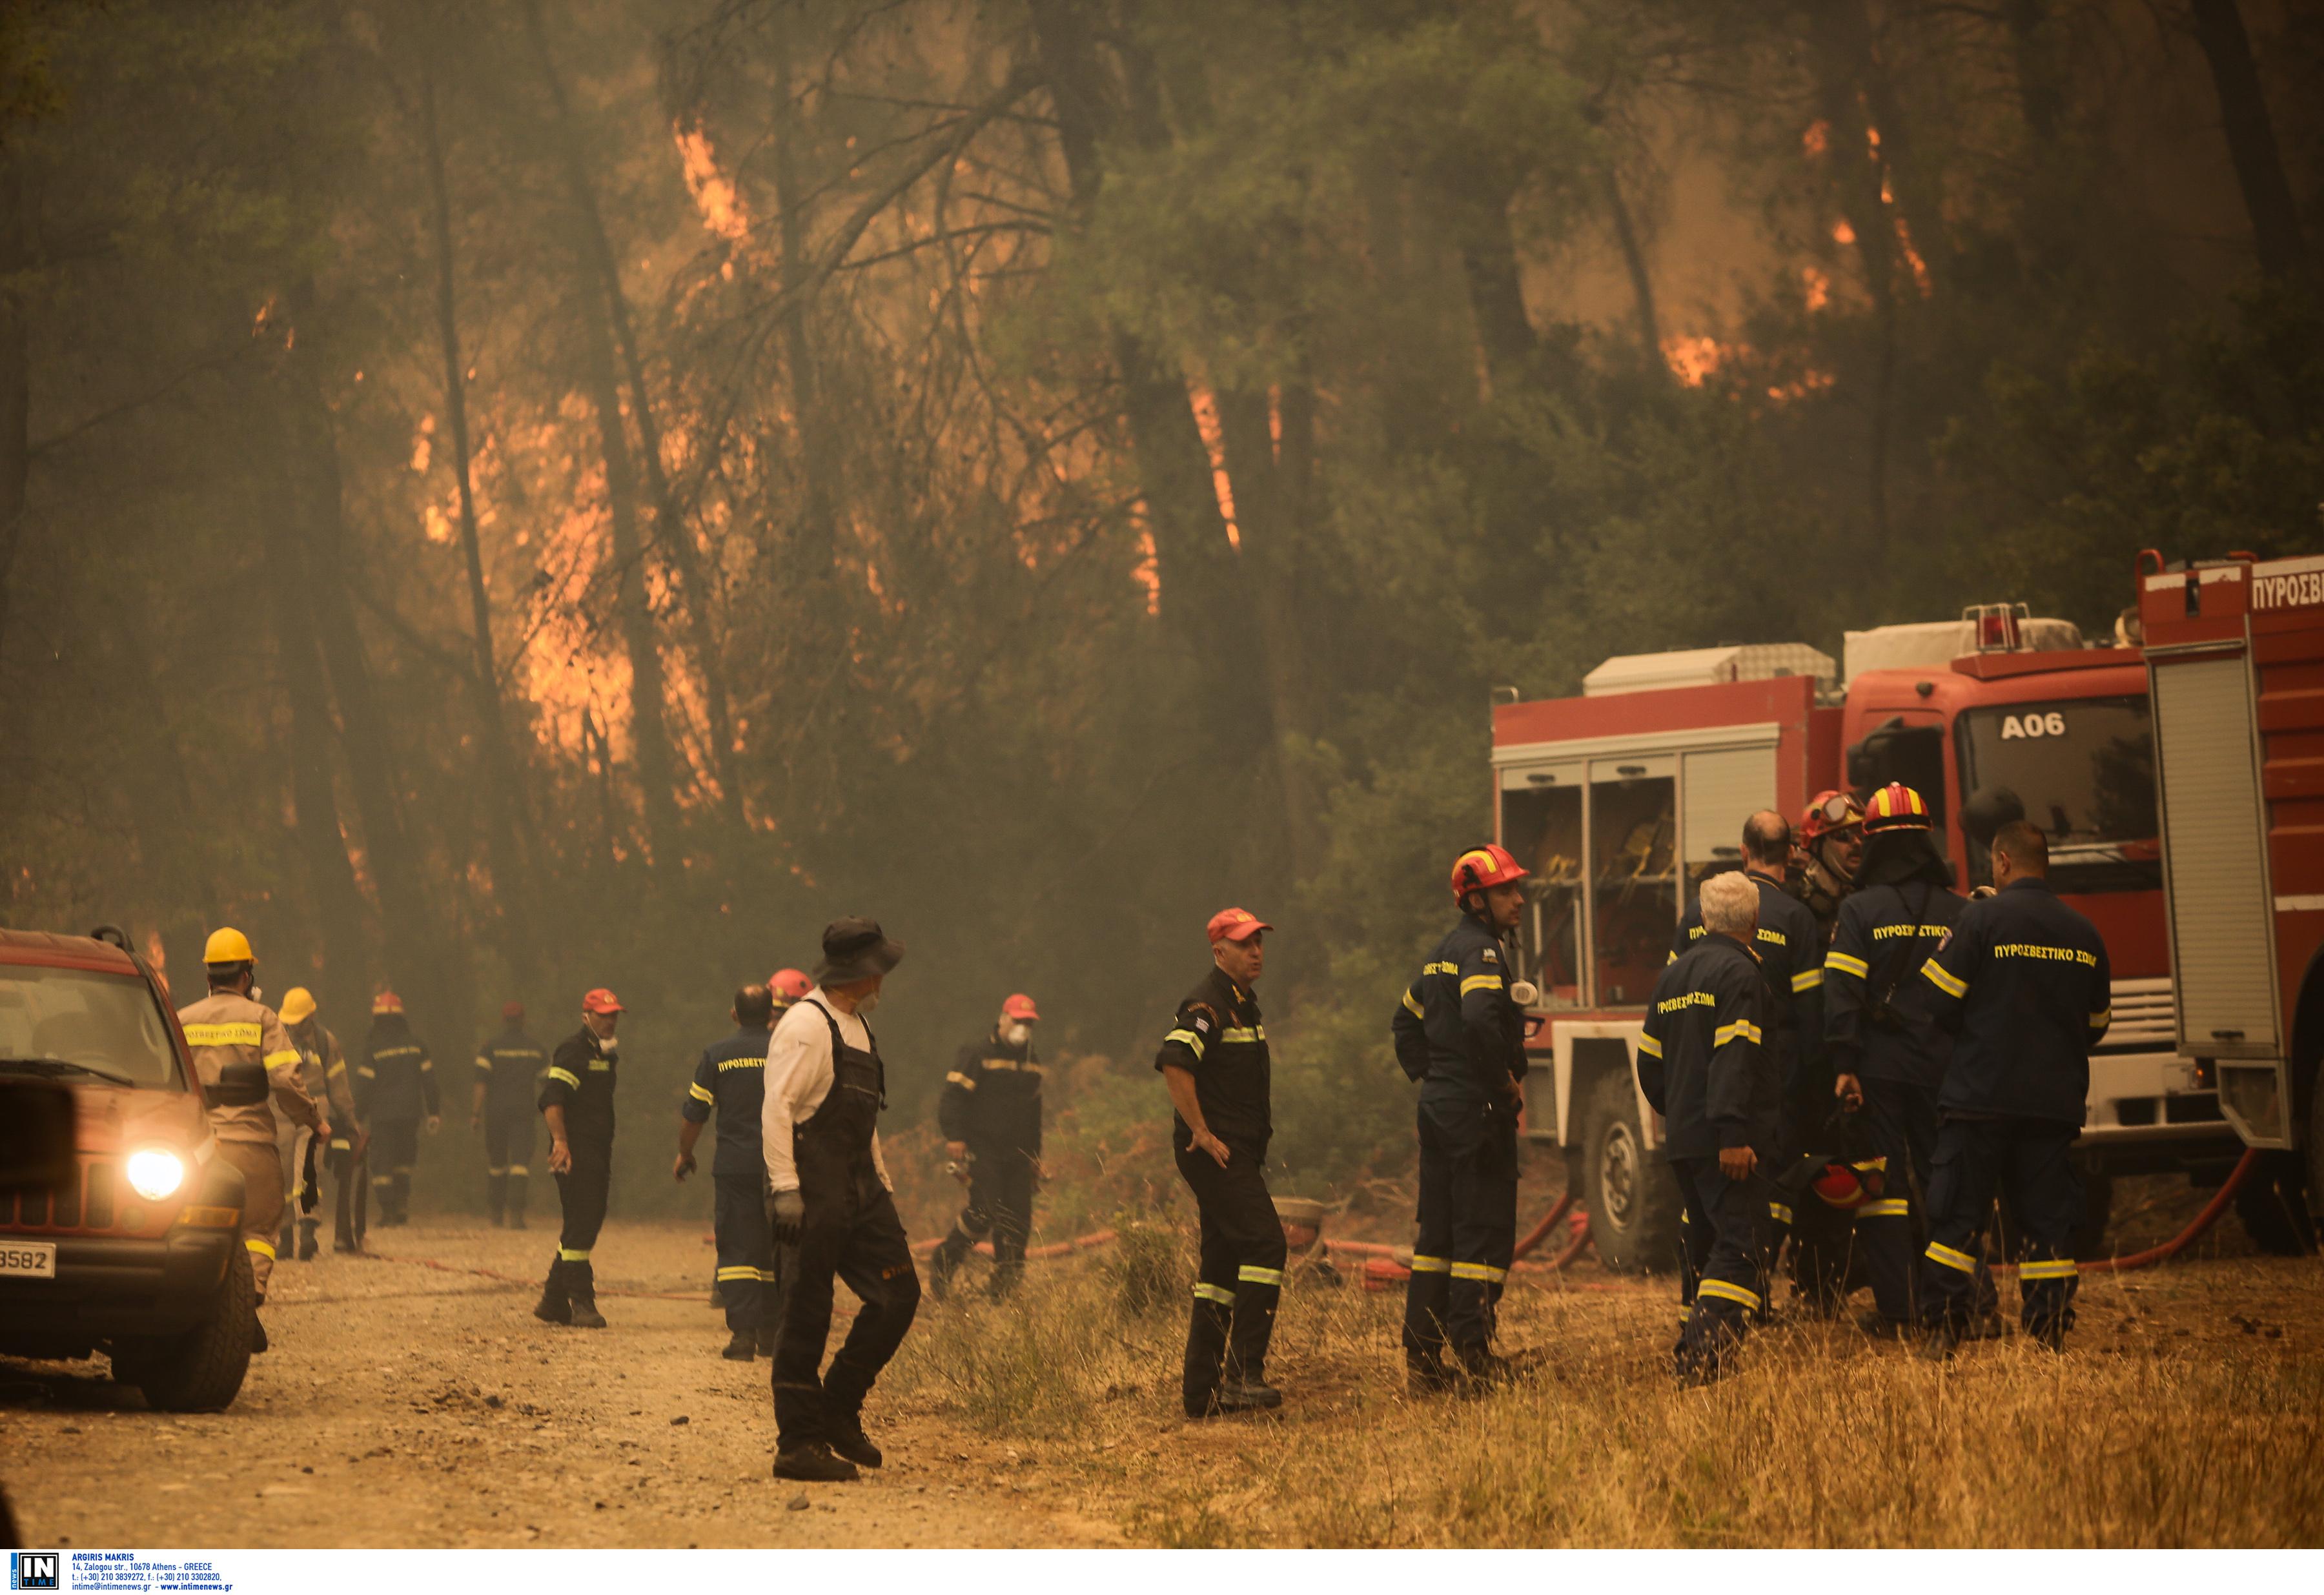 Φωτιά Εύβοια: Καίει ανεξέλεγκτη παρθένο πευκοδάσος – Οι καπνοί δυσχεραίνουν την κατάσβεση